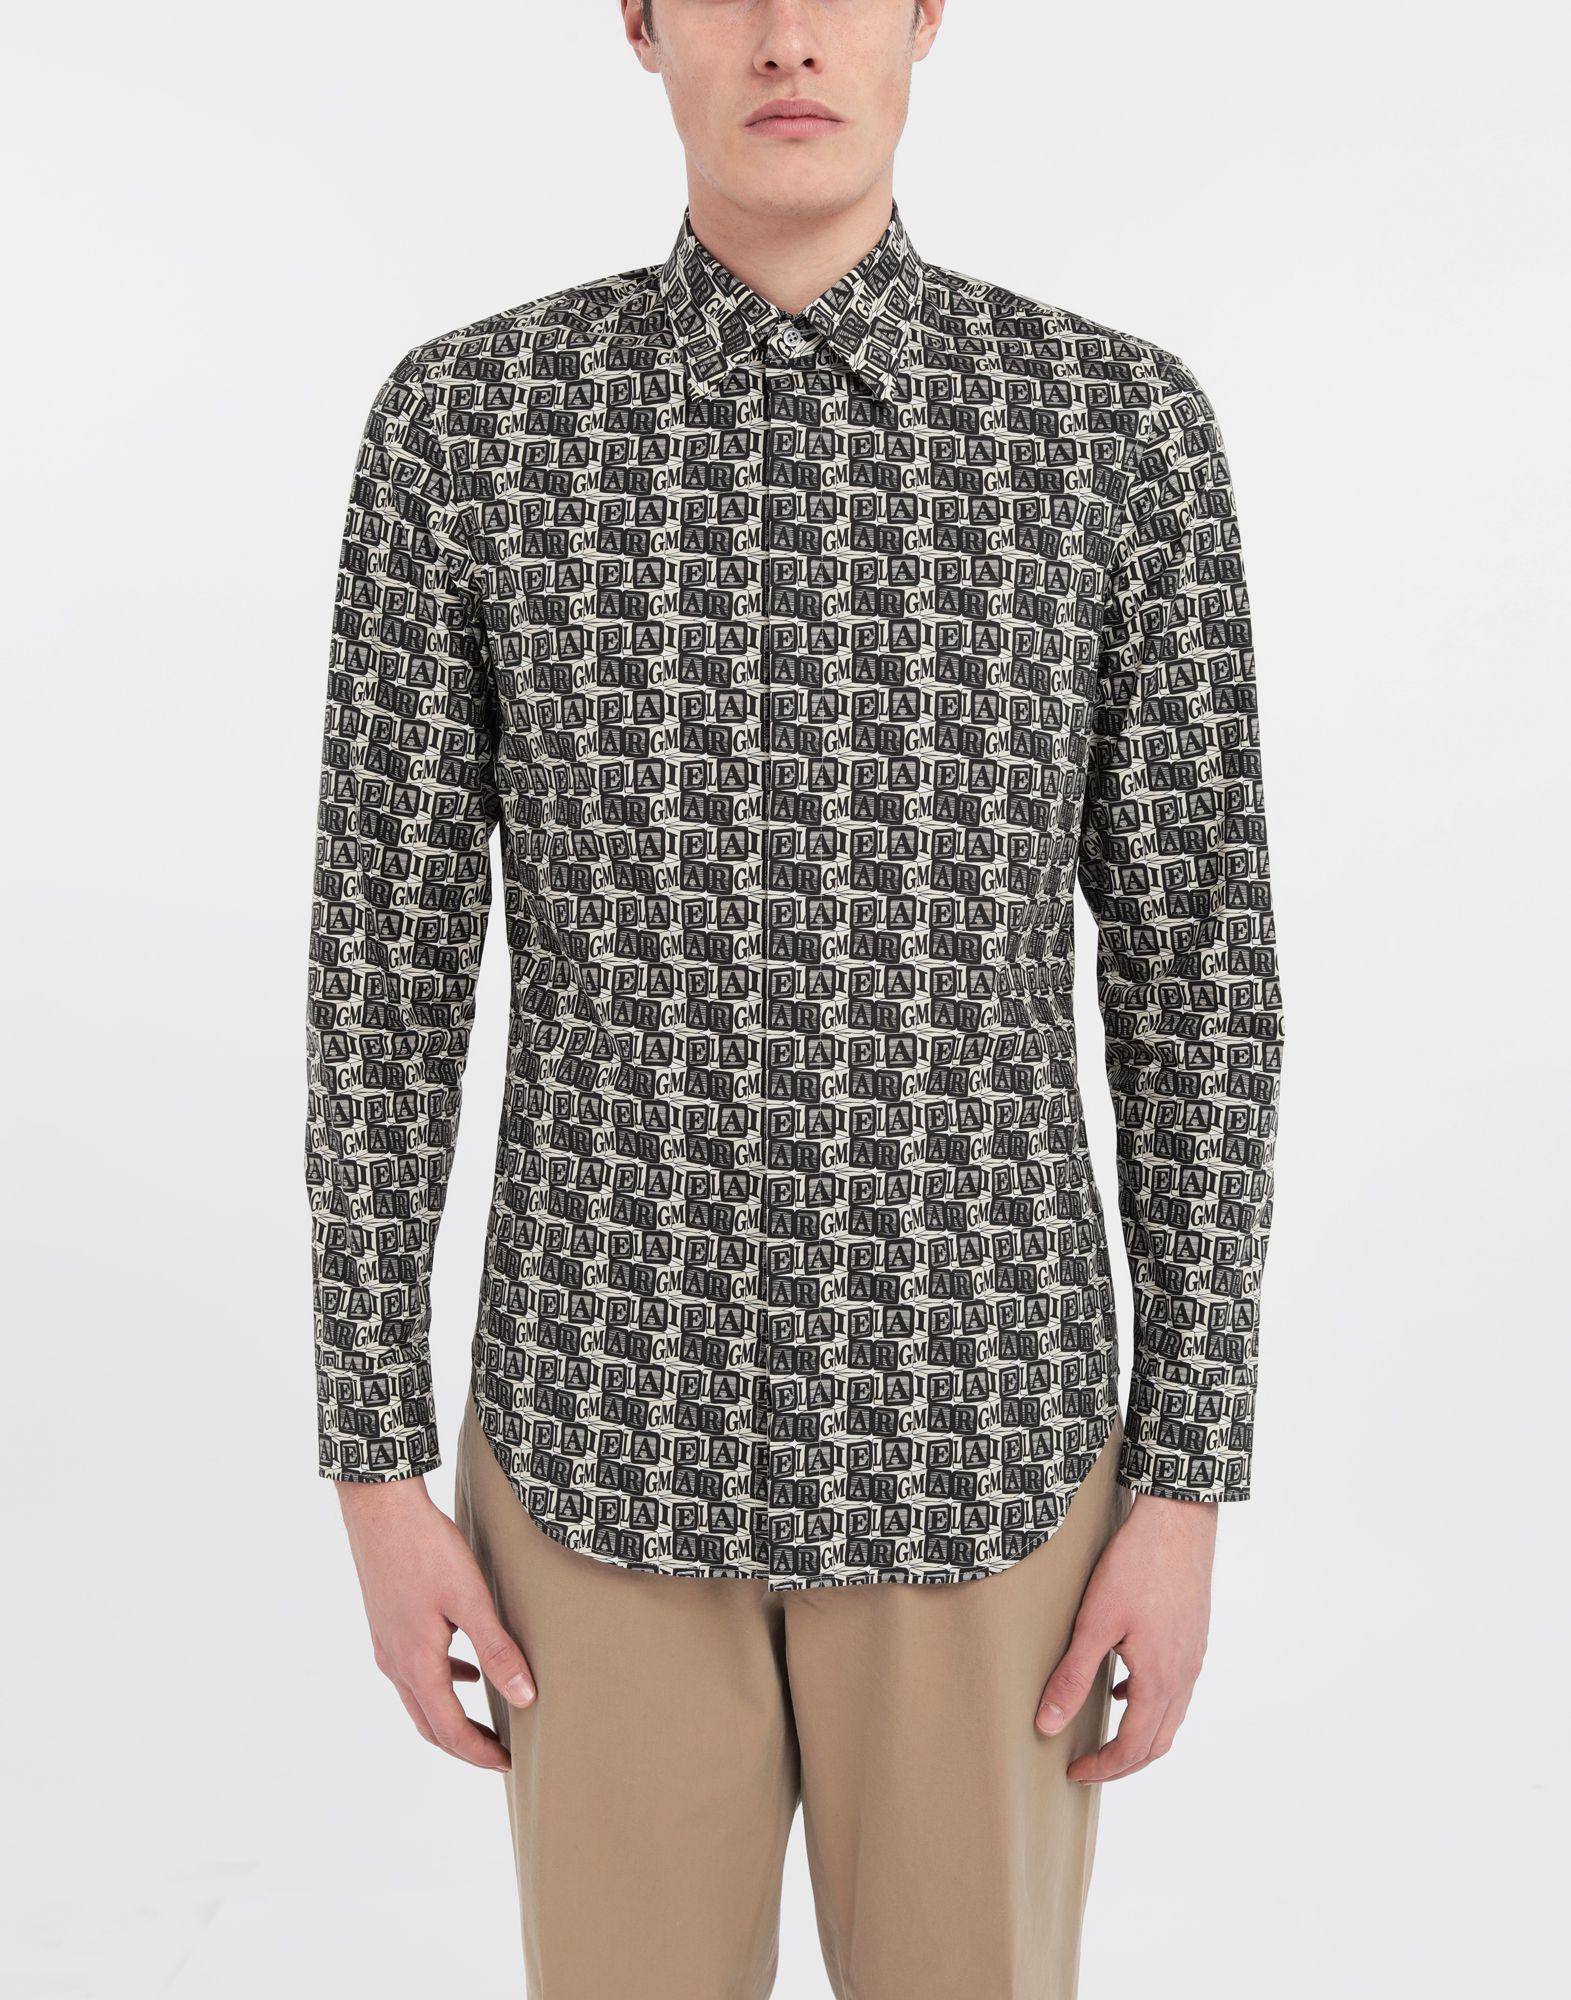 MAISON MARGIELA T-shirt avec imprimé logo Cube Chemise manches longues Homme r